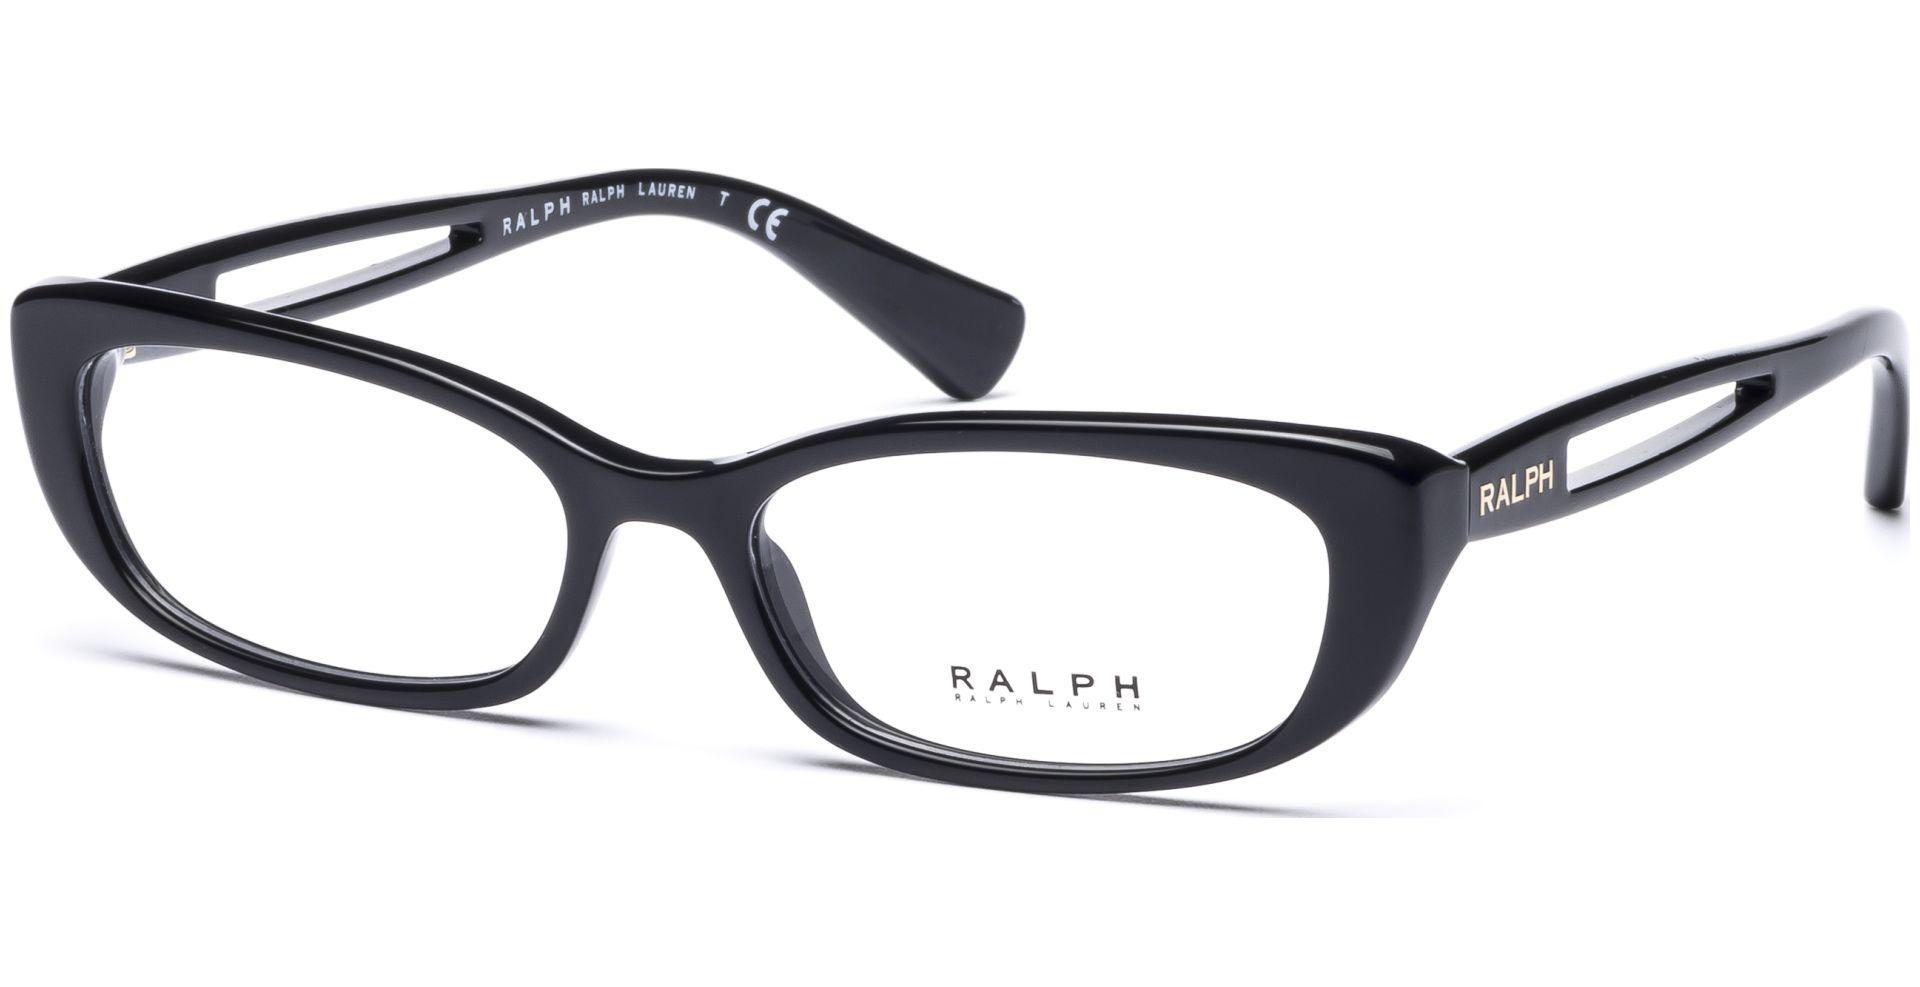 Ralph - Ralph Lauren - RA7070 501 5316 Black - von Lensbest